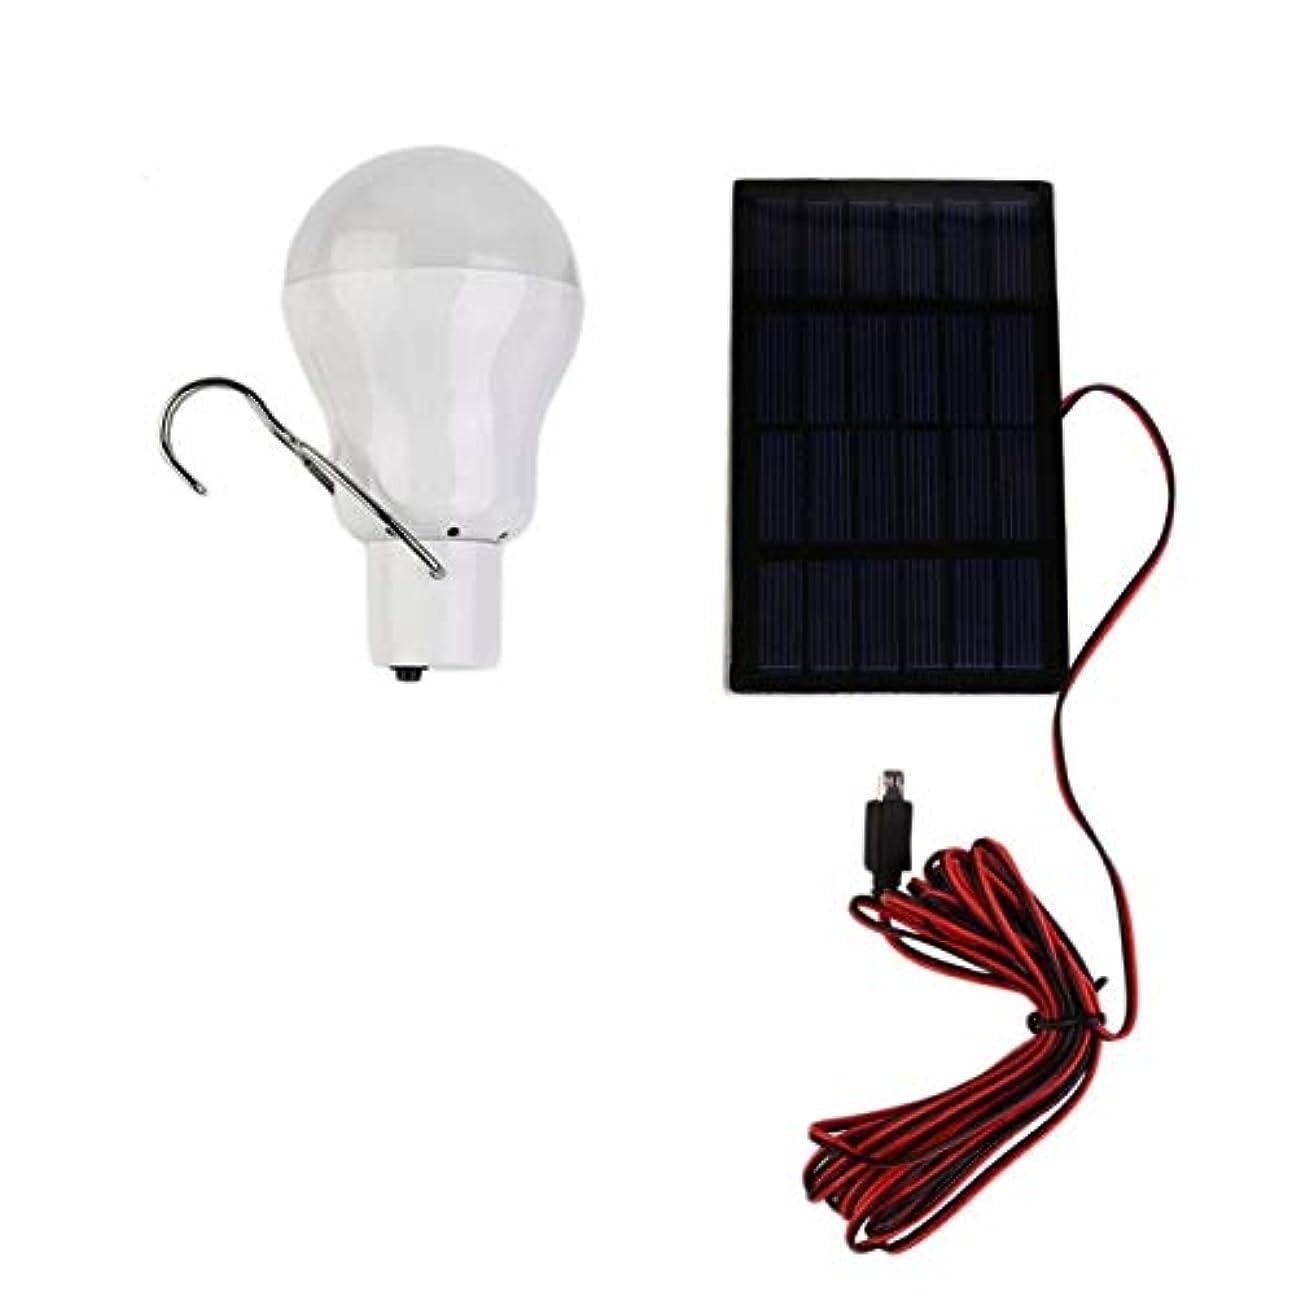 迅速合唱団チャペルDeeploveUU 15ワット150ポータブルソーラーパワーled電球ソーラーライト充電太陽エネルギーランプ屋外懐中電灯キャンプテント釣りライト